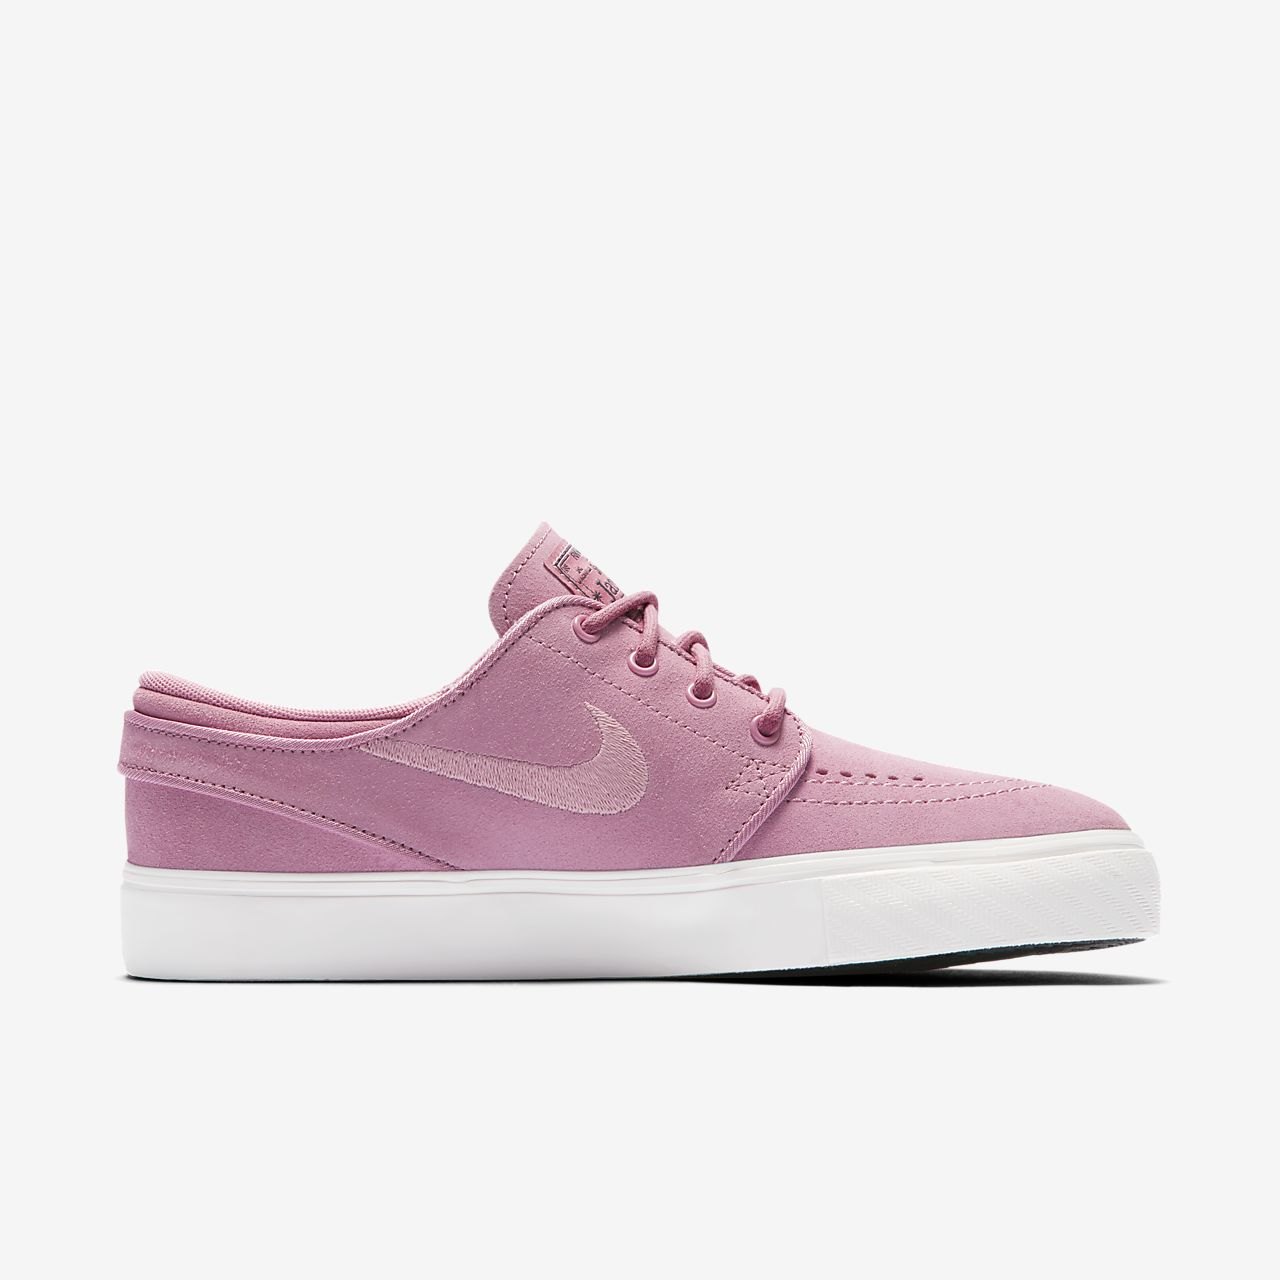 ... Nike Zoom Stefan Janoski Older Kids' Skateboarding Shoe